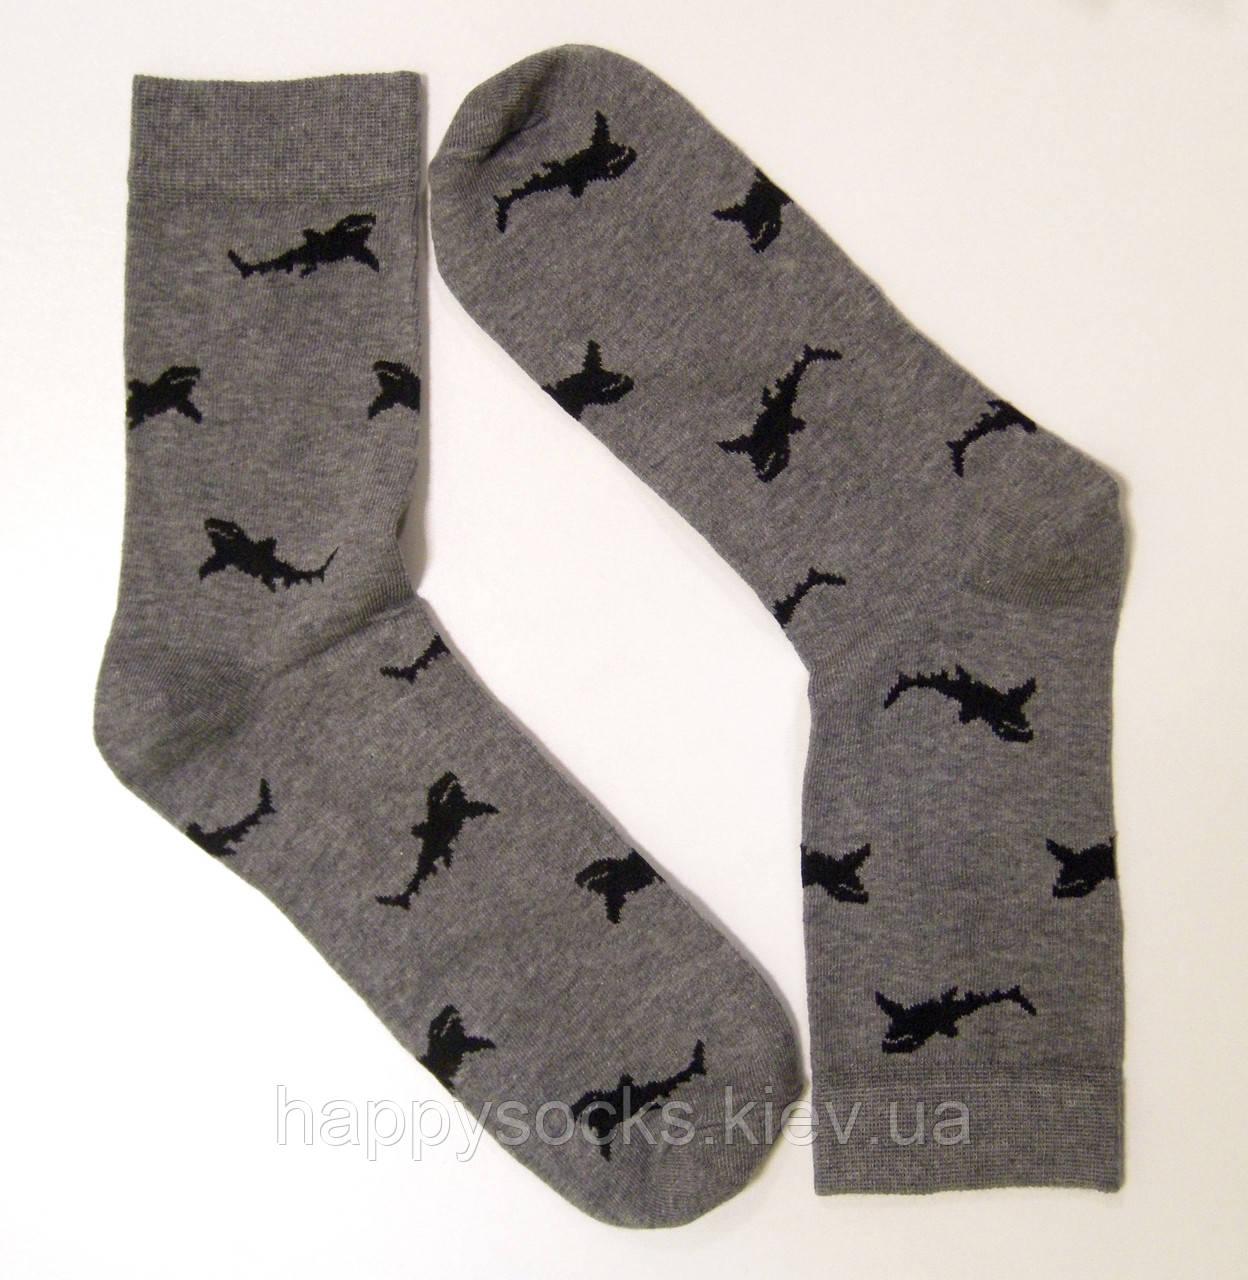 Мужские высокие носки с рисунком акулы